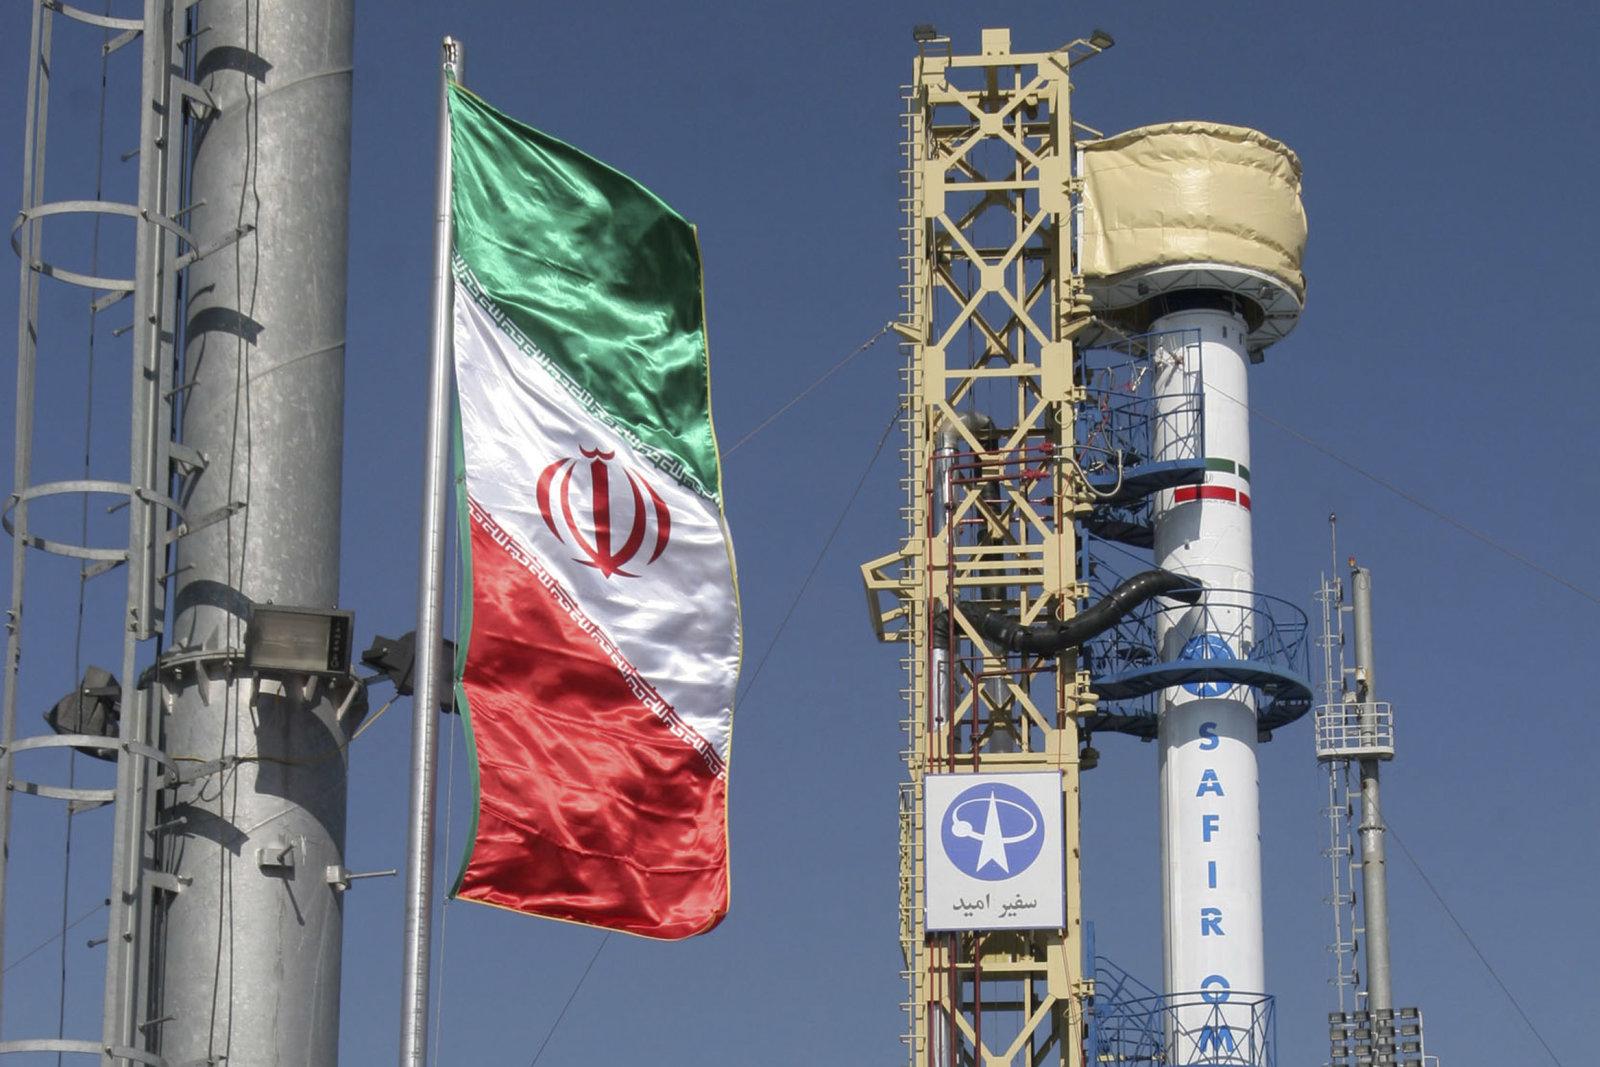 ایران ماهواره ظفر را به فضا خواهد فرستاد